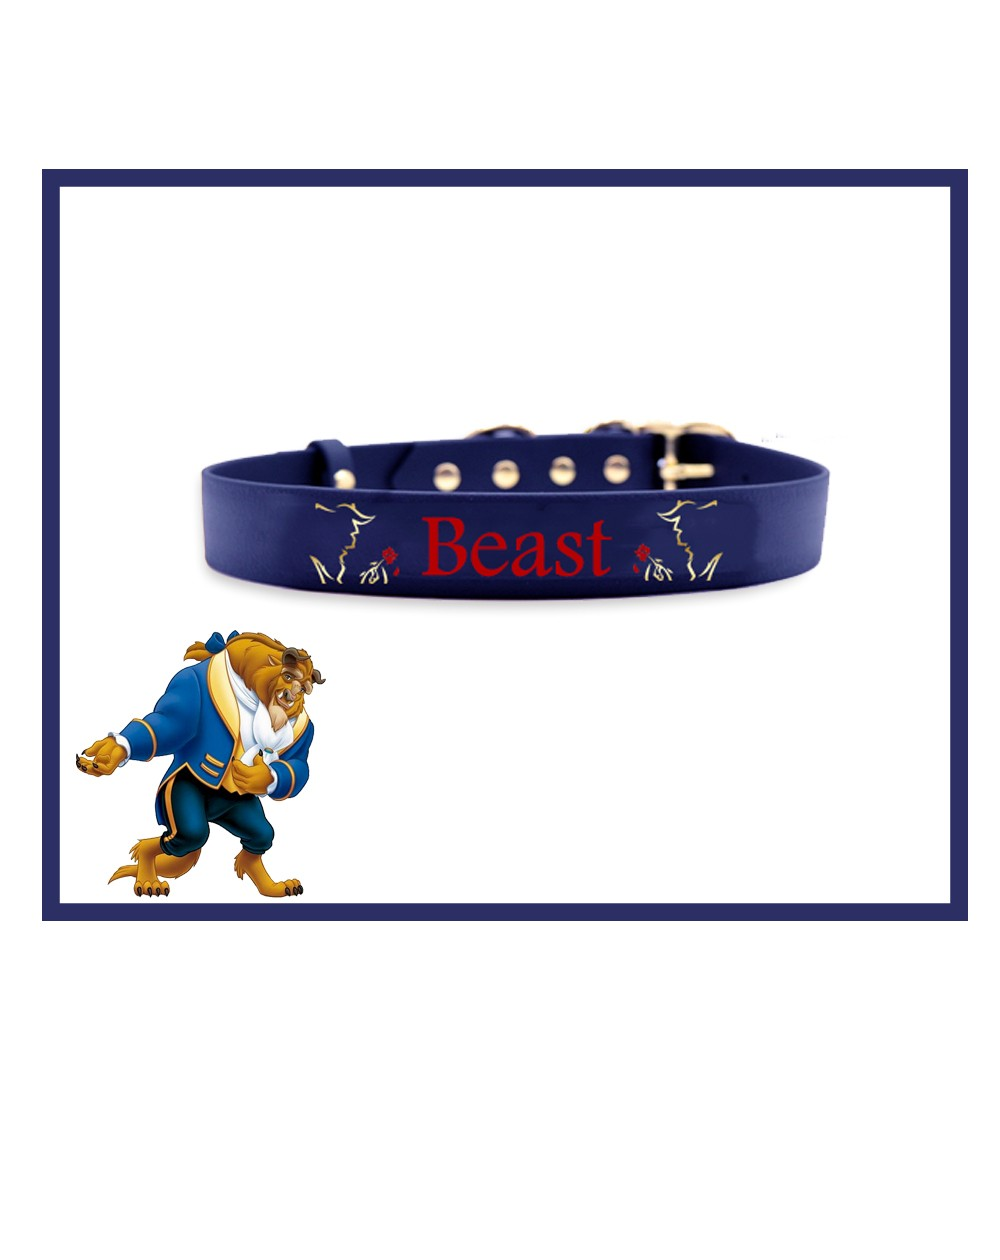 Collare personalizzato con nome per cani modello La Bella e La Bestia